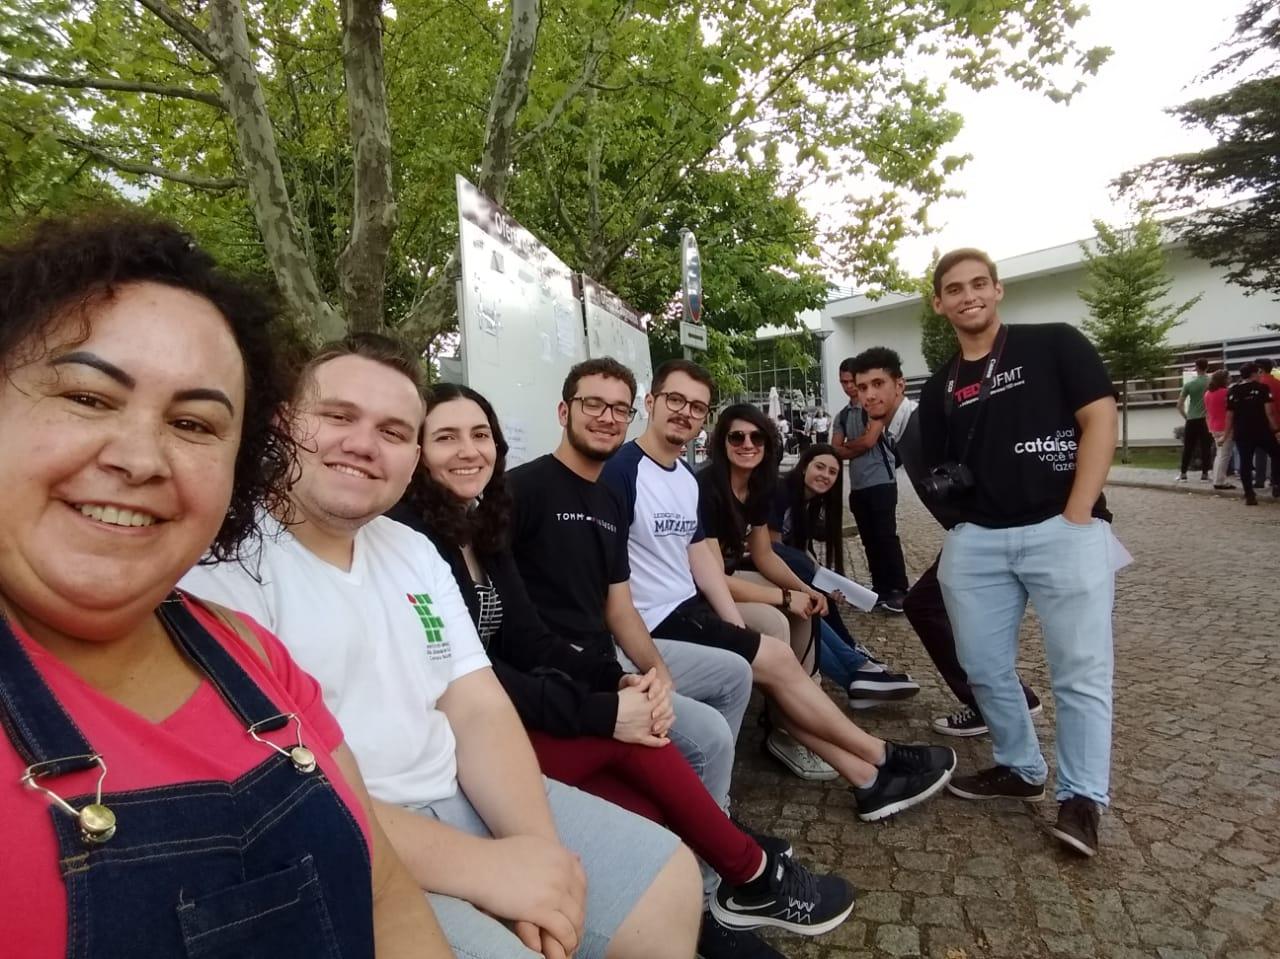 Grupo de alunos no pátio de uma escola sorrindo para a câmera